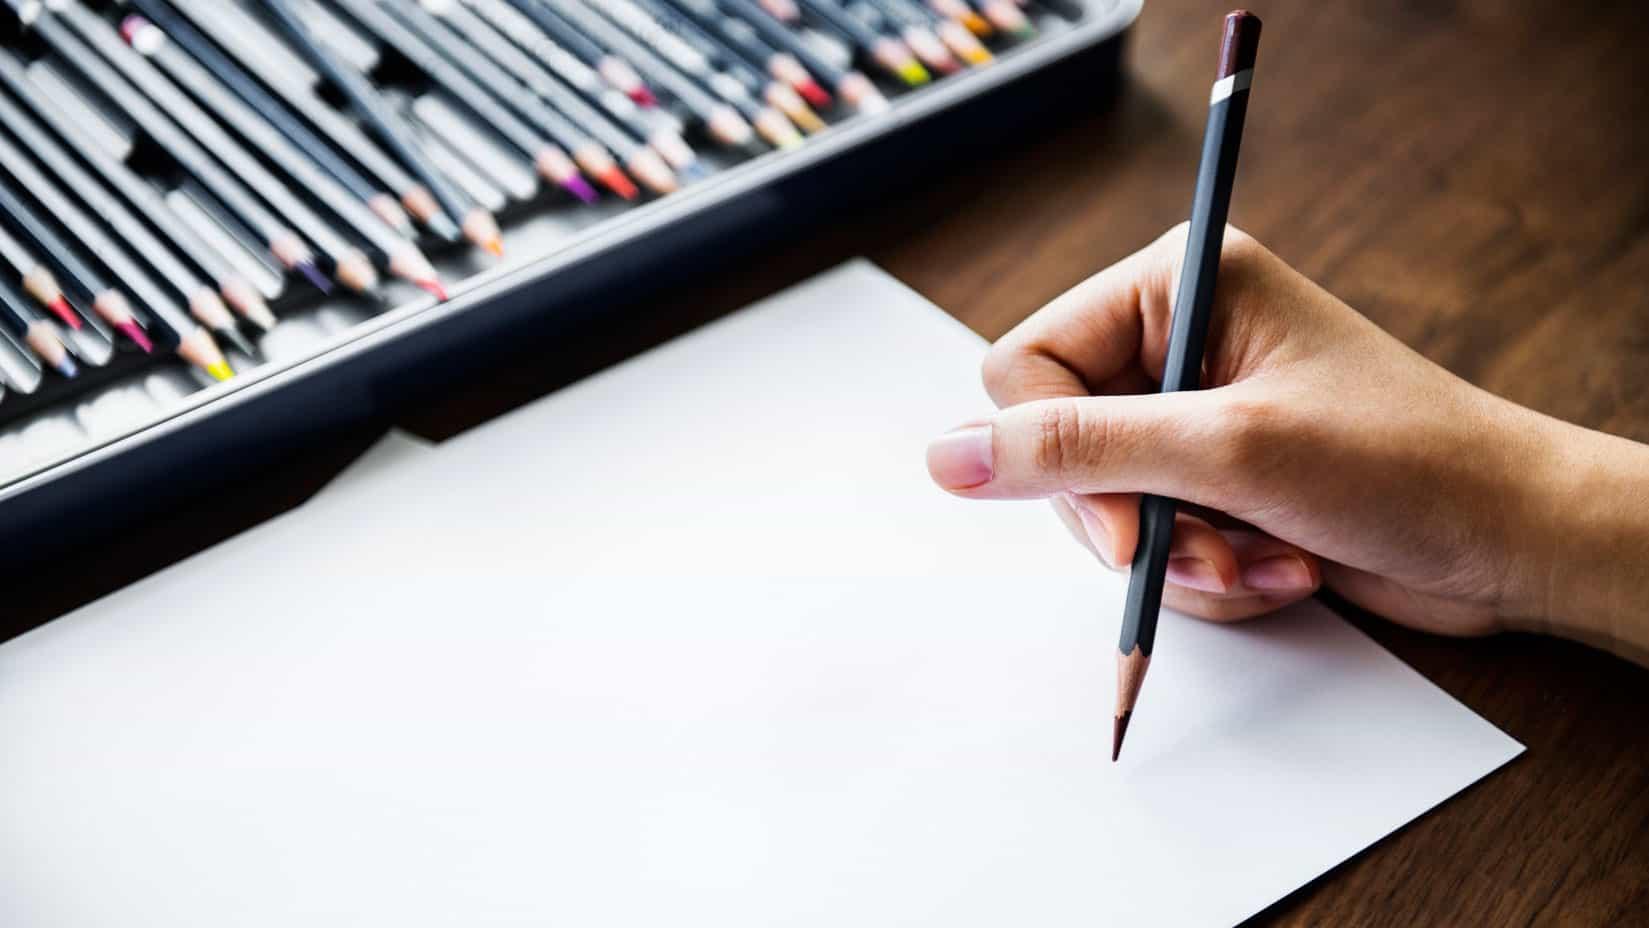 Descubre lo que las herramientas de dibujo mejor se adapten a su estilo.